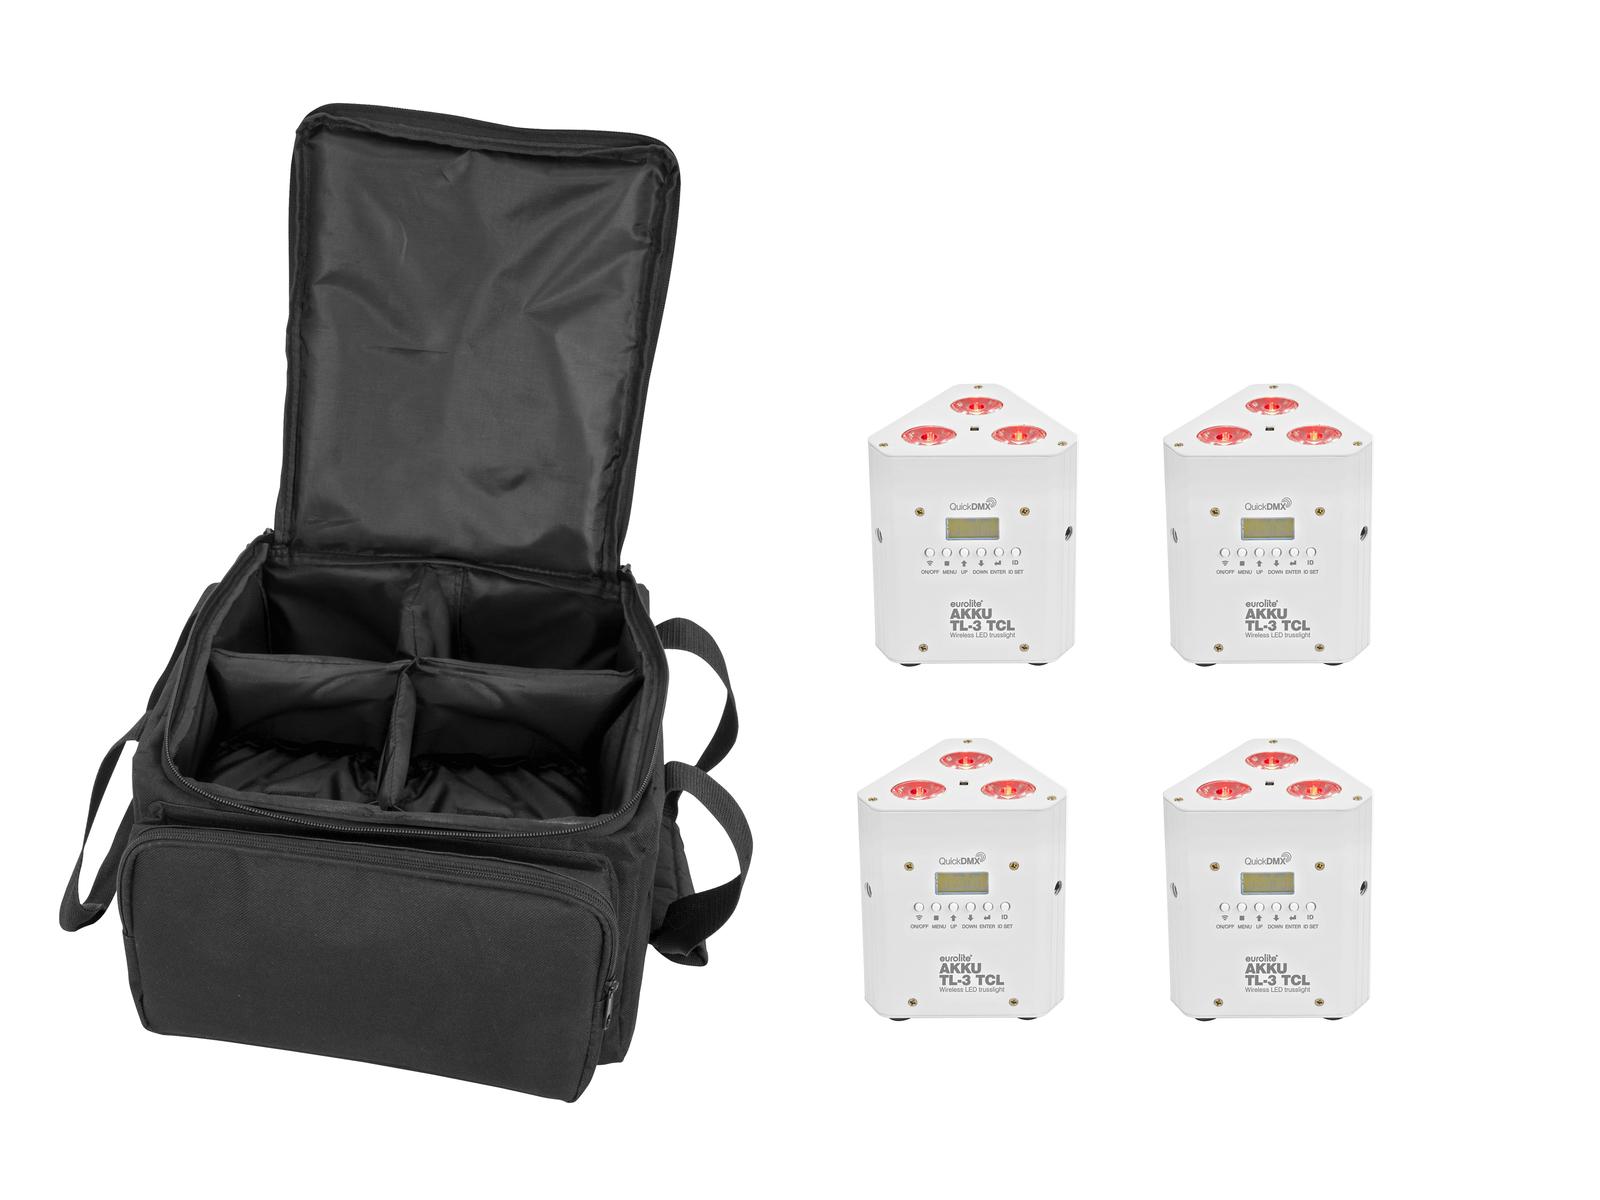 EUROLITE Set 4x AKKU TL-3 TCL weiß + SB-4 Soft-Bag